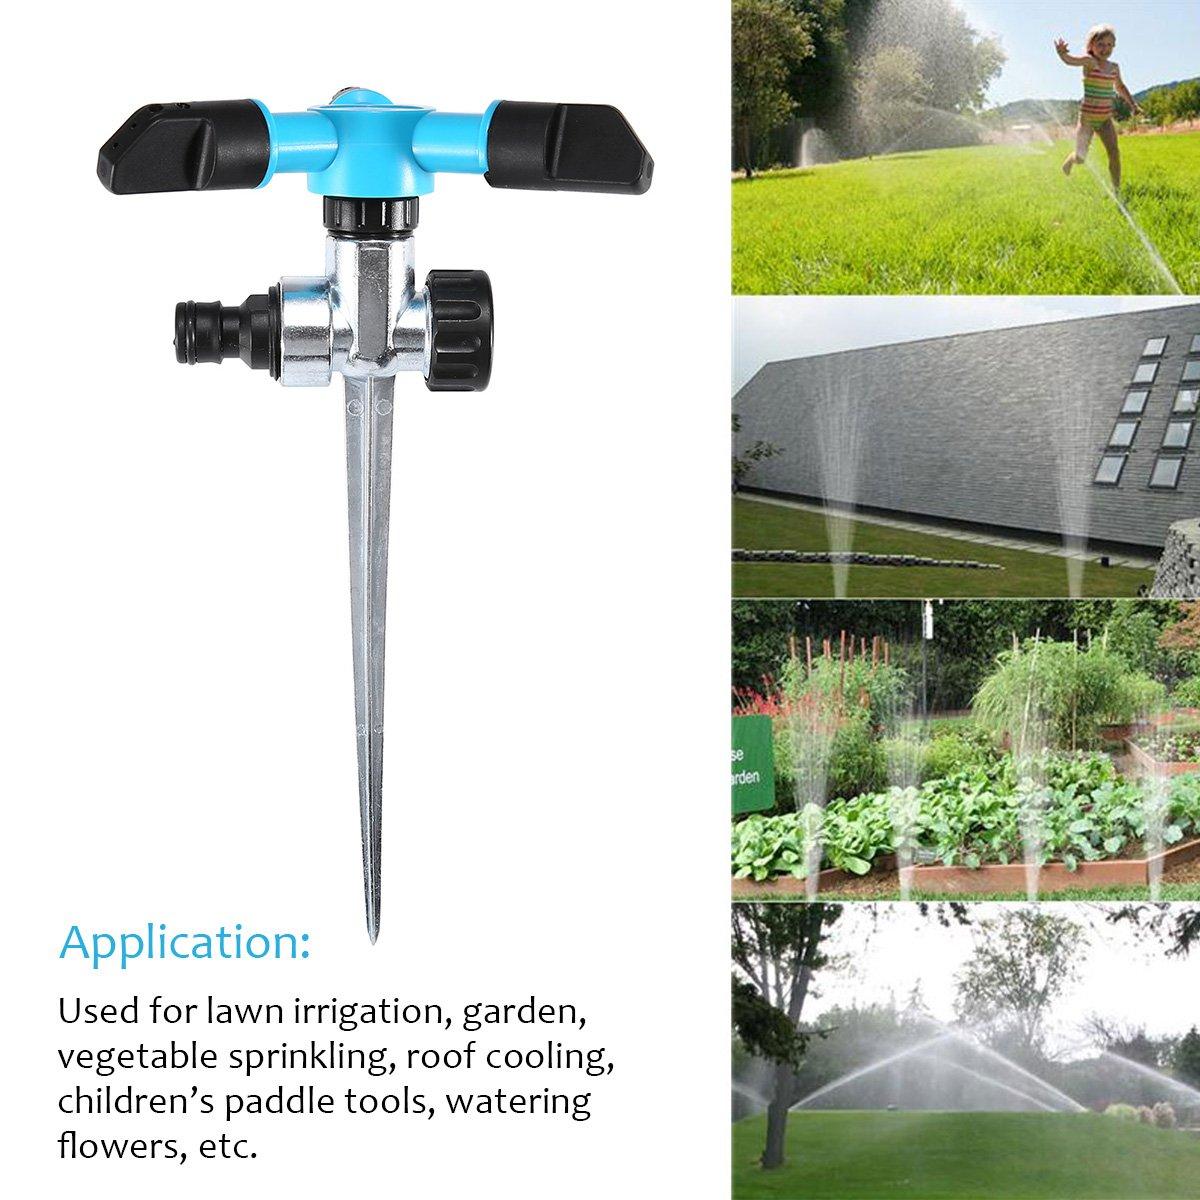 Adjustable Rotating Spray AGSIVO Garden Sprinkler Water Sprinkler for Lawn 360 Degree Rotate Spike